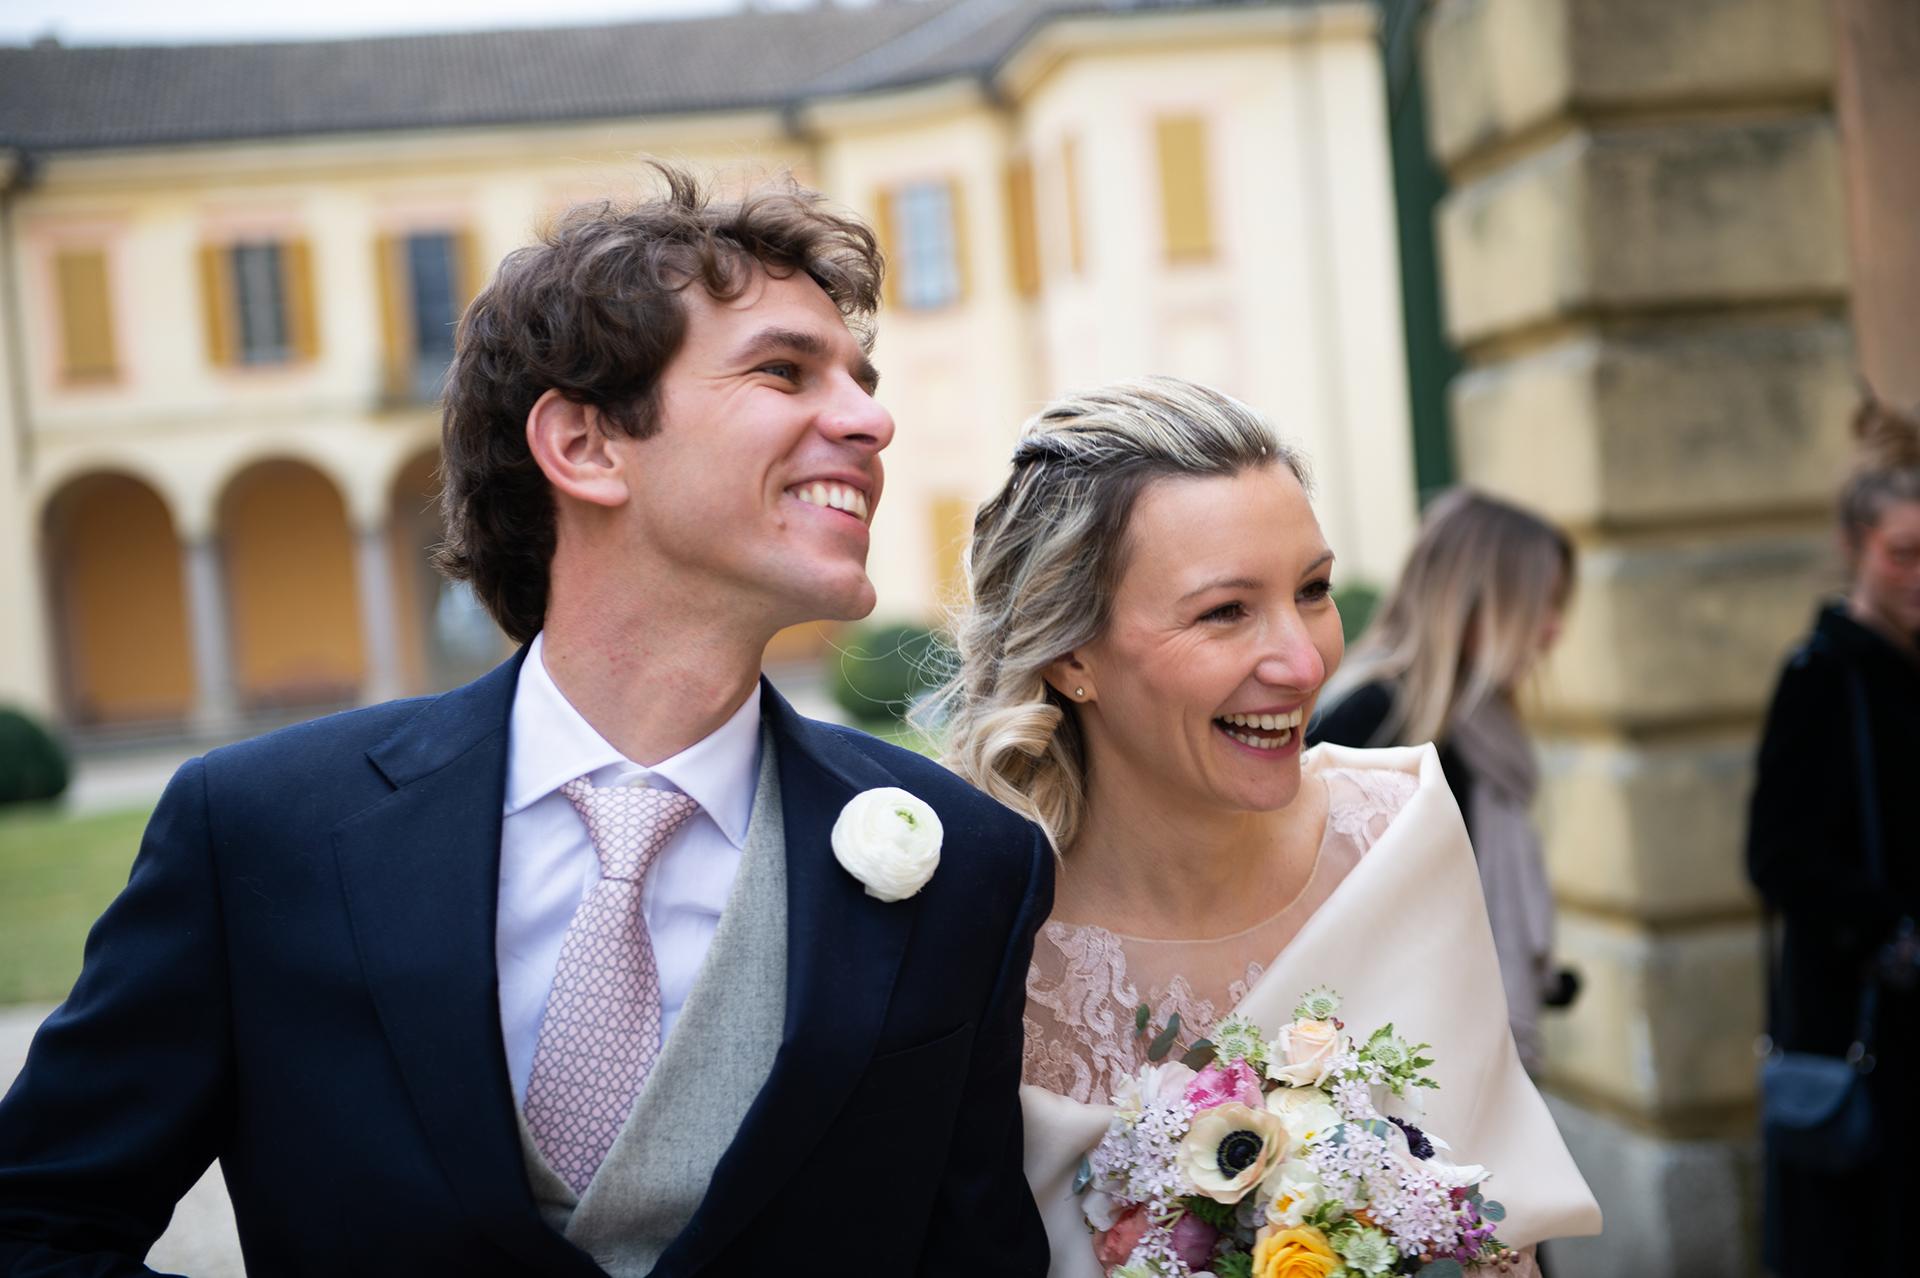 Italie, Lombardie, Pavie, Torre d Isola, mariage en elopement Villa Botta Adorno - Un sourire avant un apéritif rapide .. la réception de mariage est interdite.